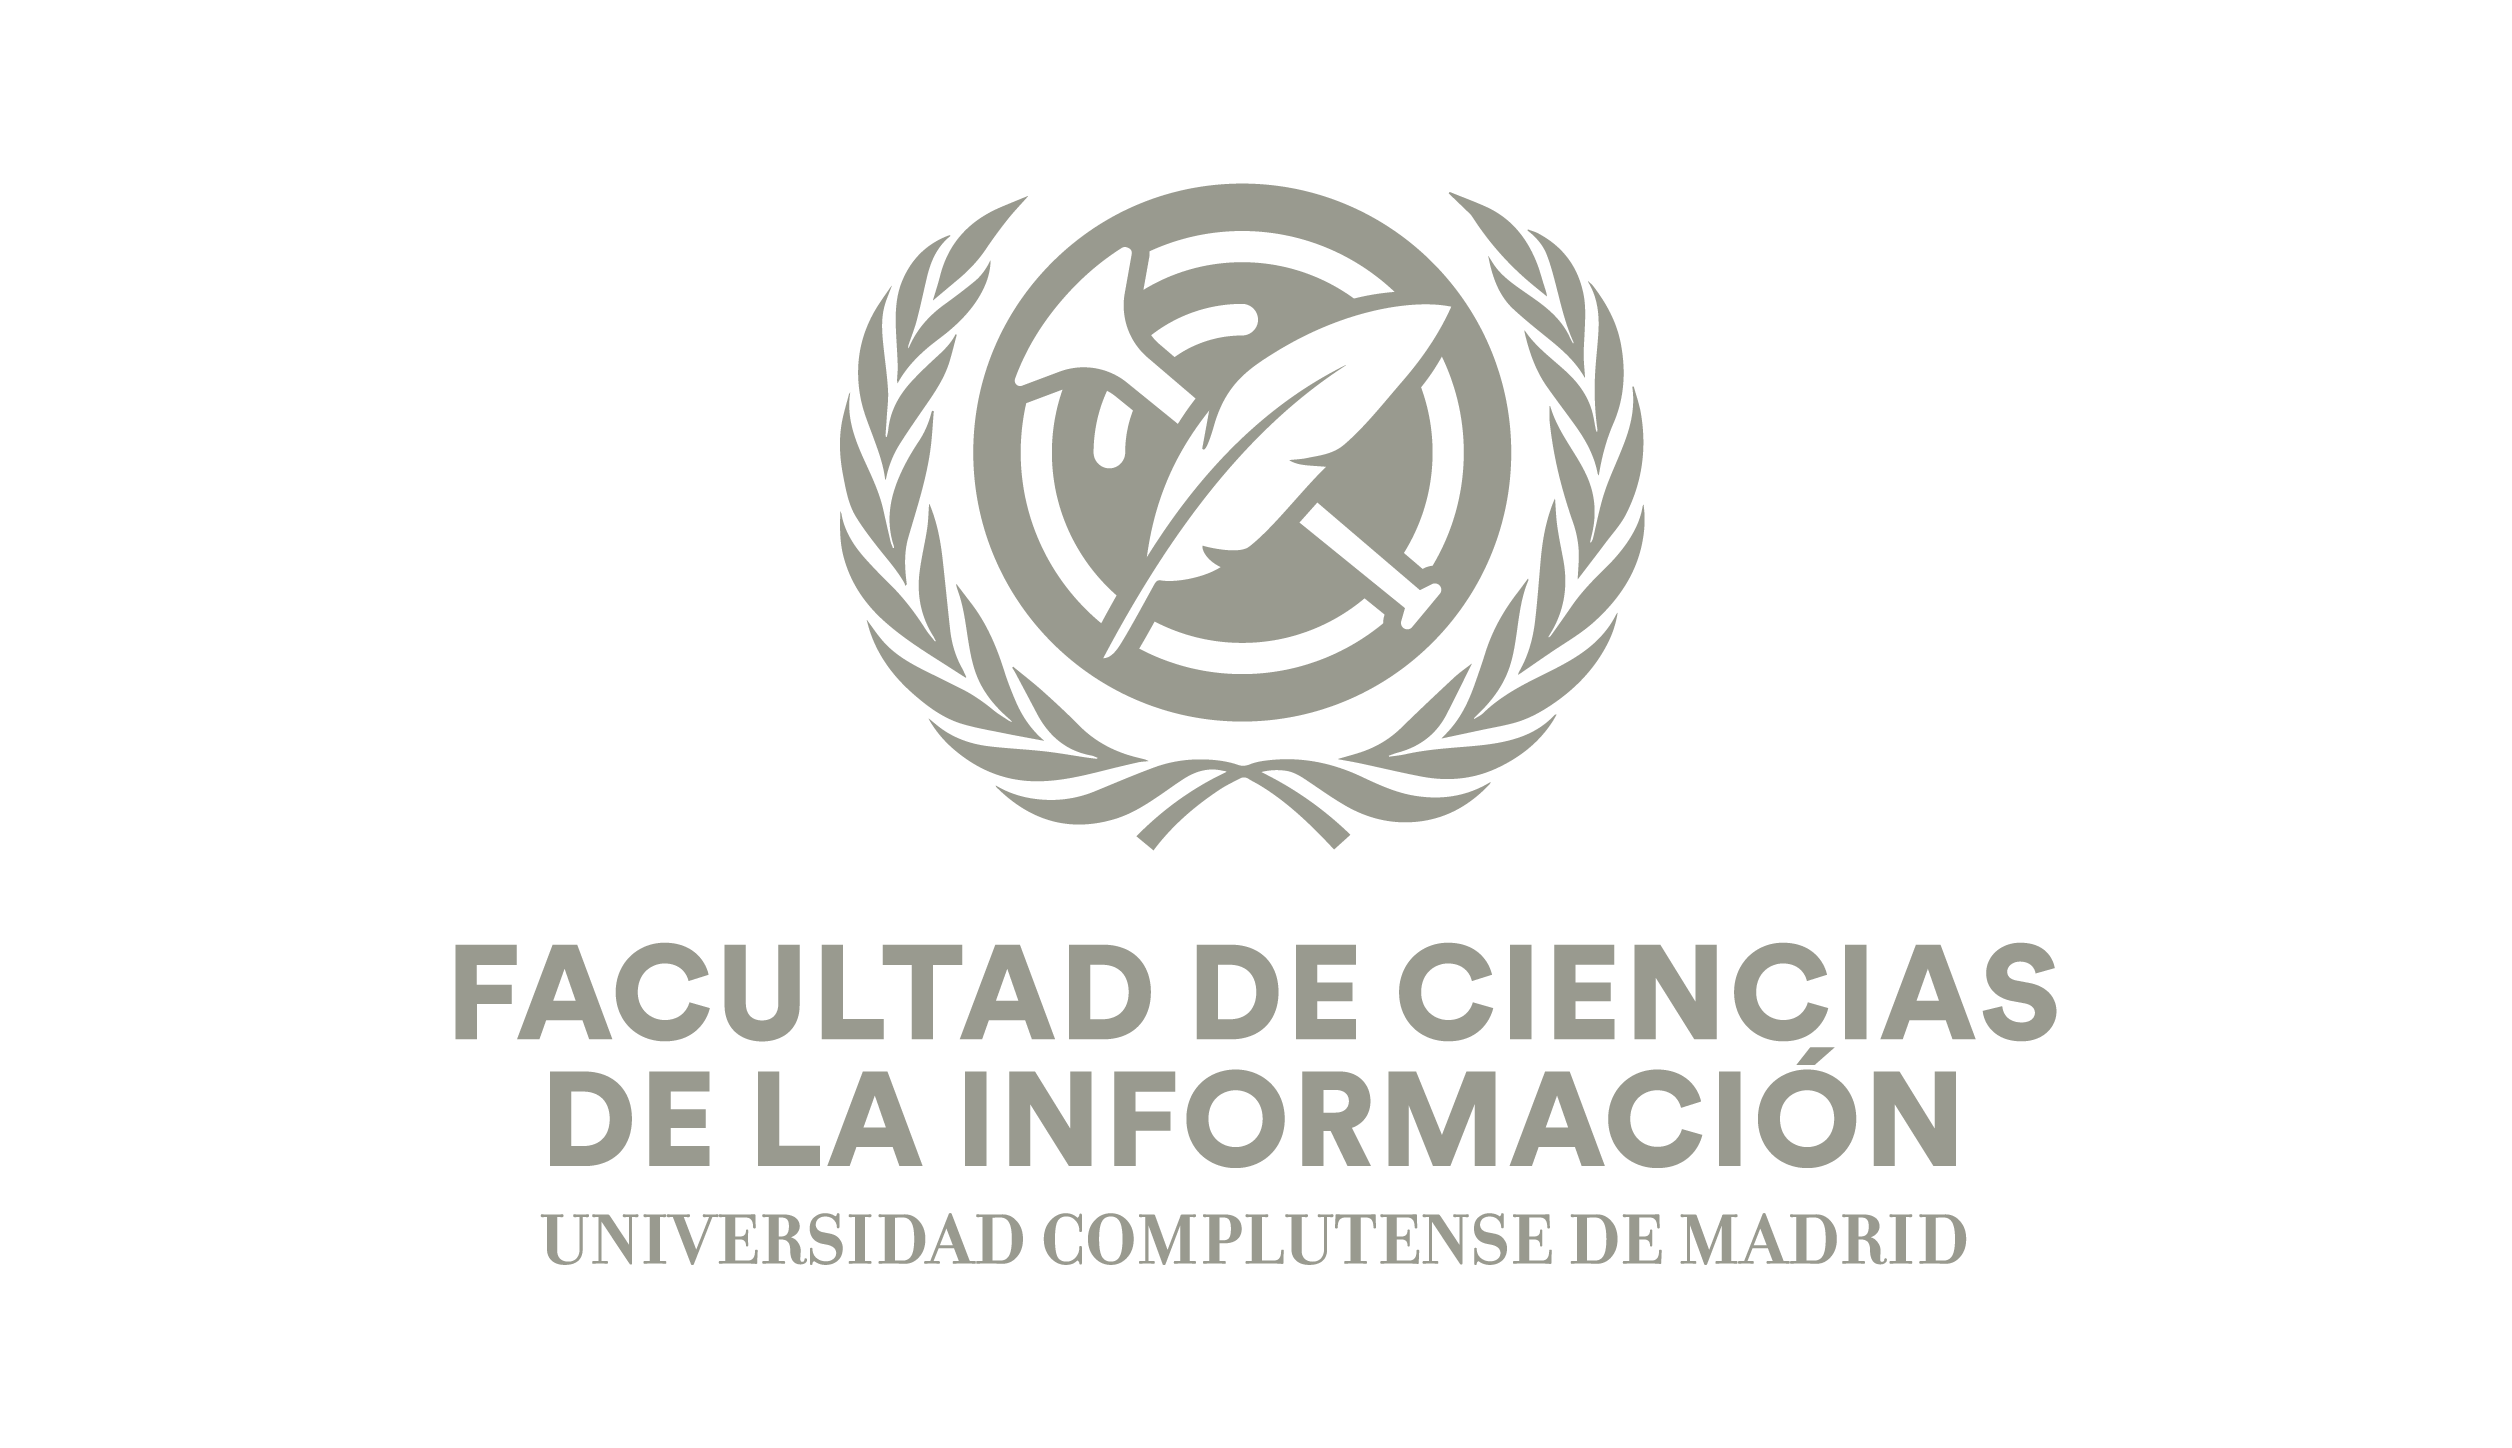 Logo Facultad Ciencias de la Información UCM Logotipo